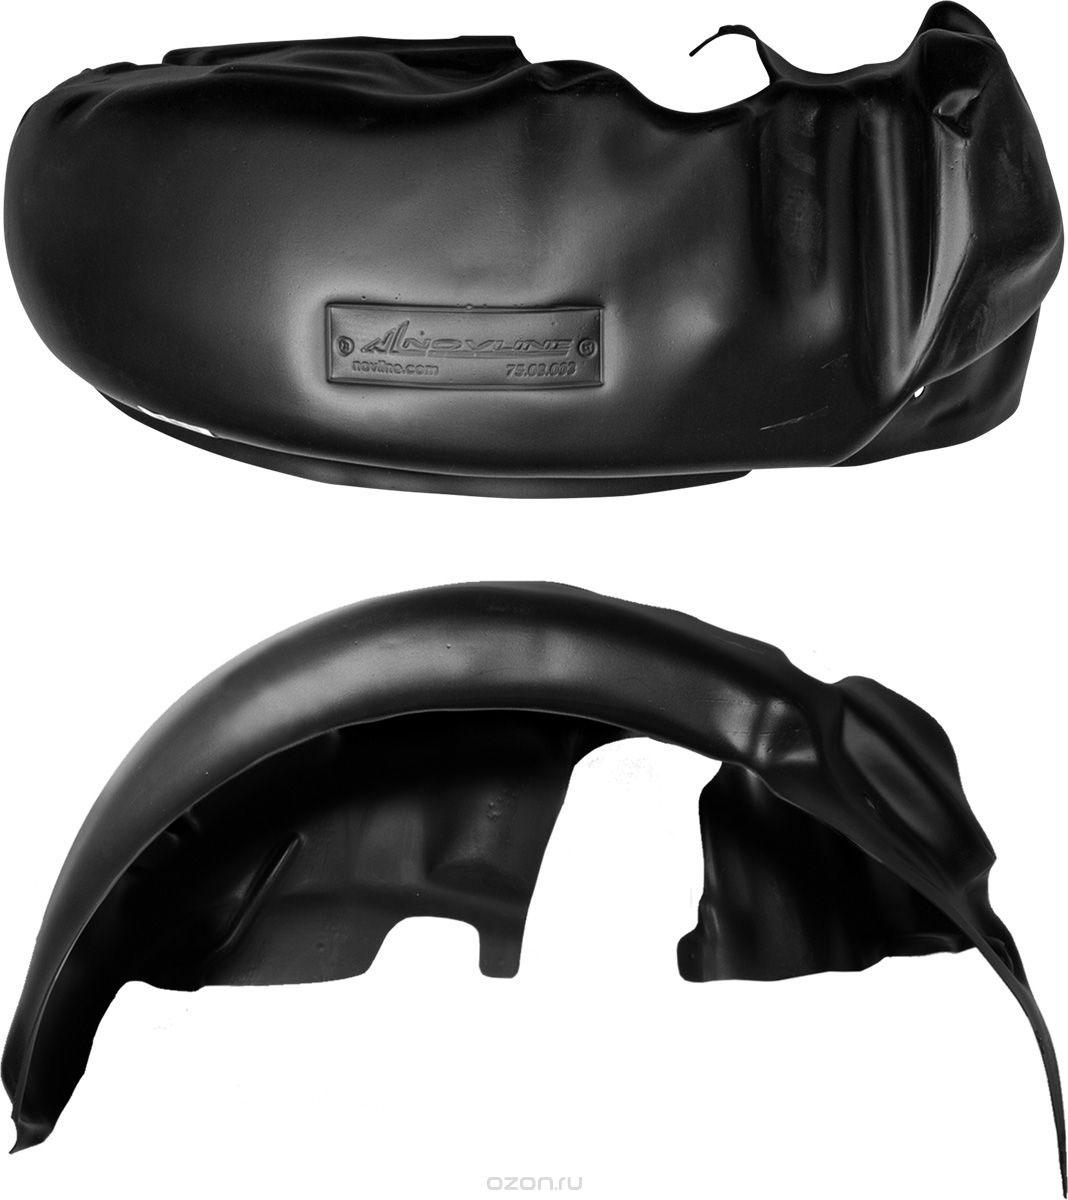 Подкрылок Novline-Autofamily, для Hafei Simbo, 2006->, передний левыйNLL.64.02.001Идеальная защита колесной ниши. Локеры разработаны с применением цифровых технологий, гарантируют максимальную повторяемость поверхности арки. Изделия устанавливаются без нарушения лакокрасочного покрытия автомобиля, каждый подкрылок комплектуется крепежом. Уважаемые клиенты, обращаем ваше внимание, что фотографии на подкрылки универсальные и не отражают реальную форму изделия. При этом само изделие идет точно под размер указанного автомобиля.